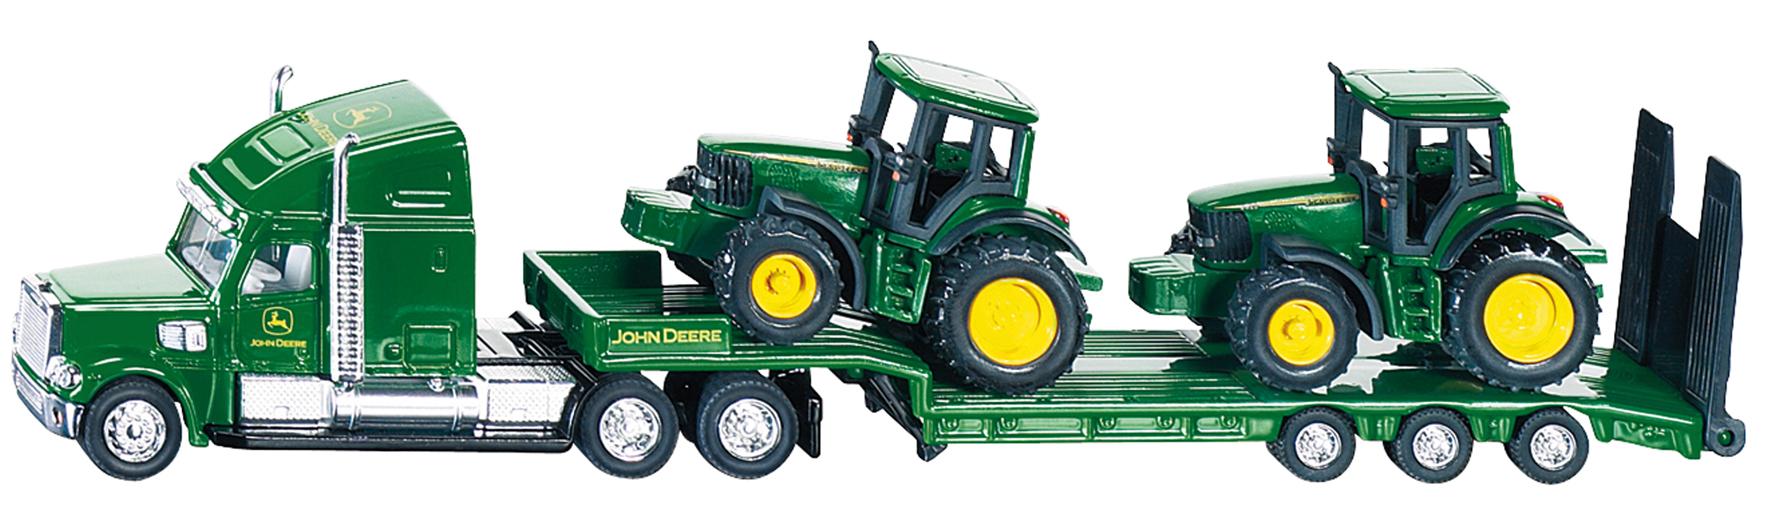 surbaiss avec tracteurs john deere 1837 187 achat en ligne ou dans notre magasin - Tracteur John Deere Enfant